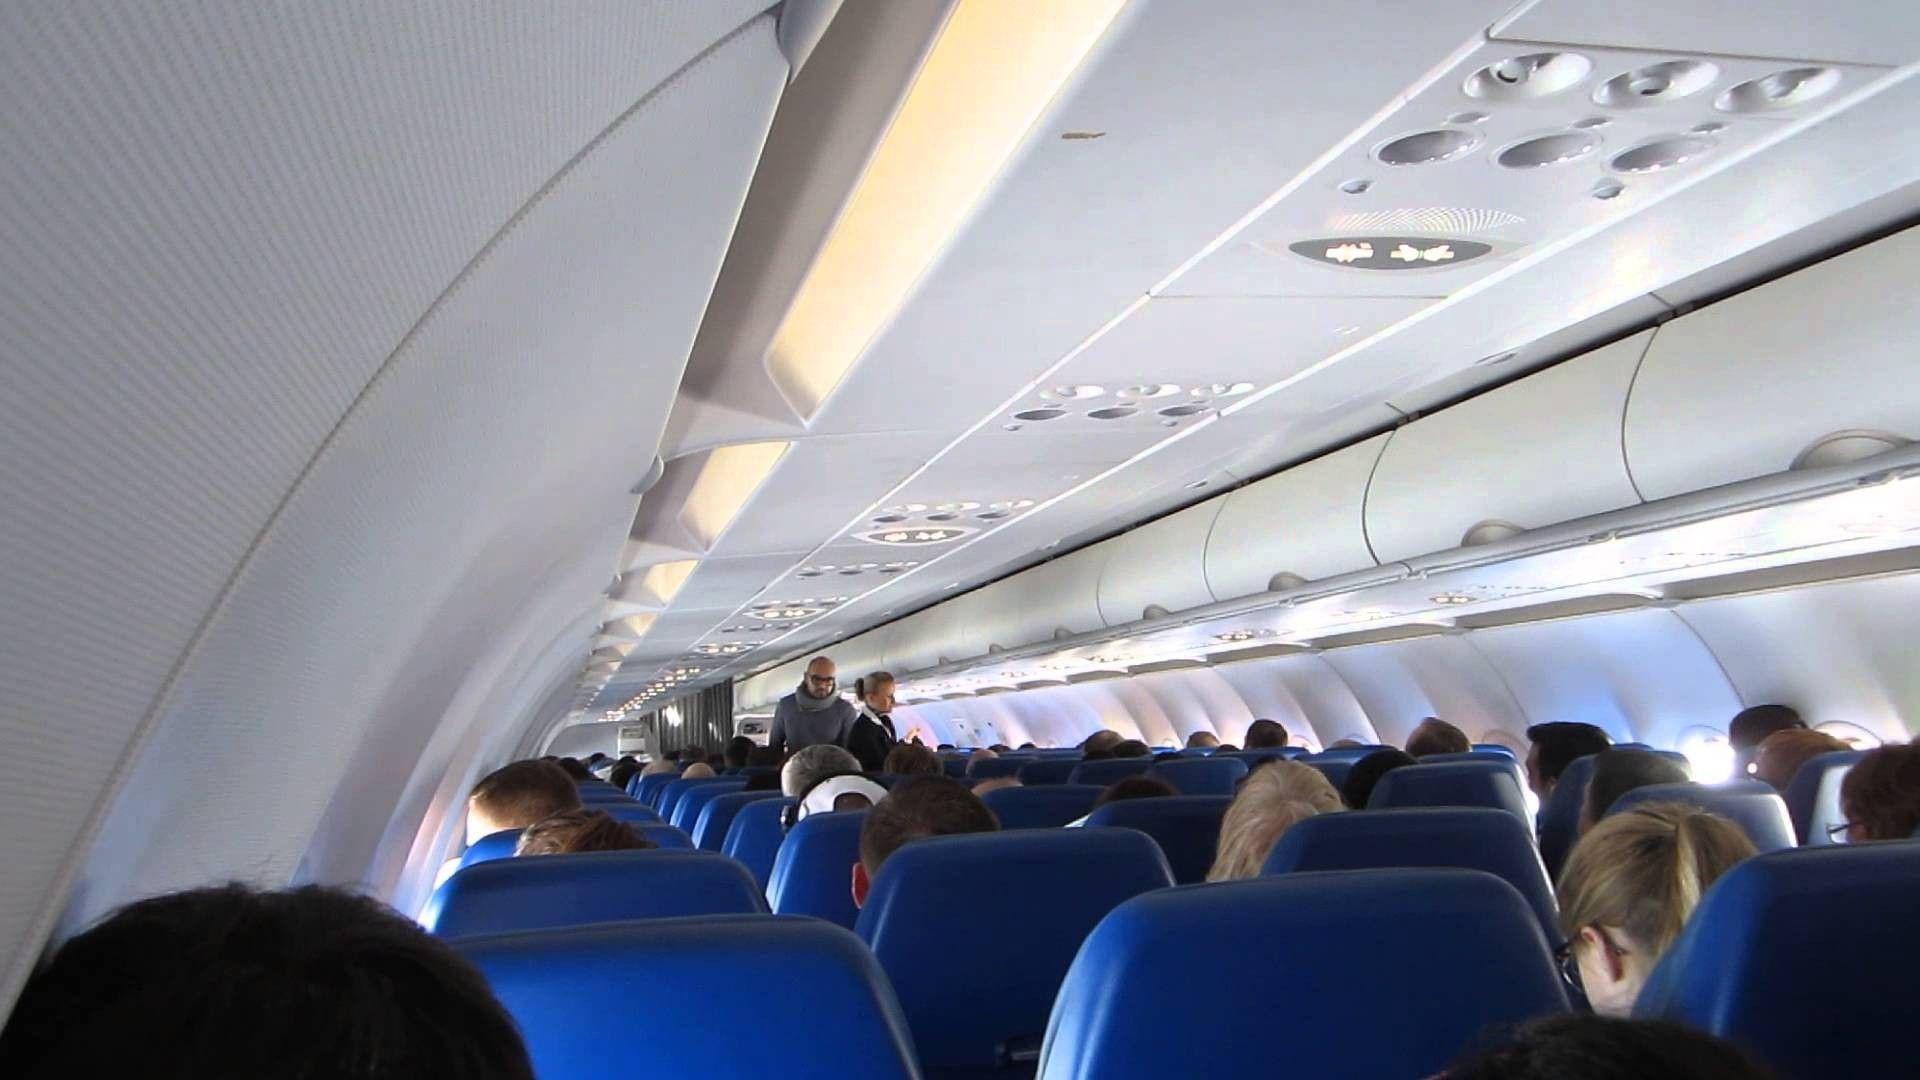 Порно посадка на самолёт